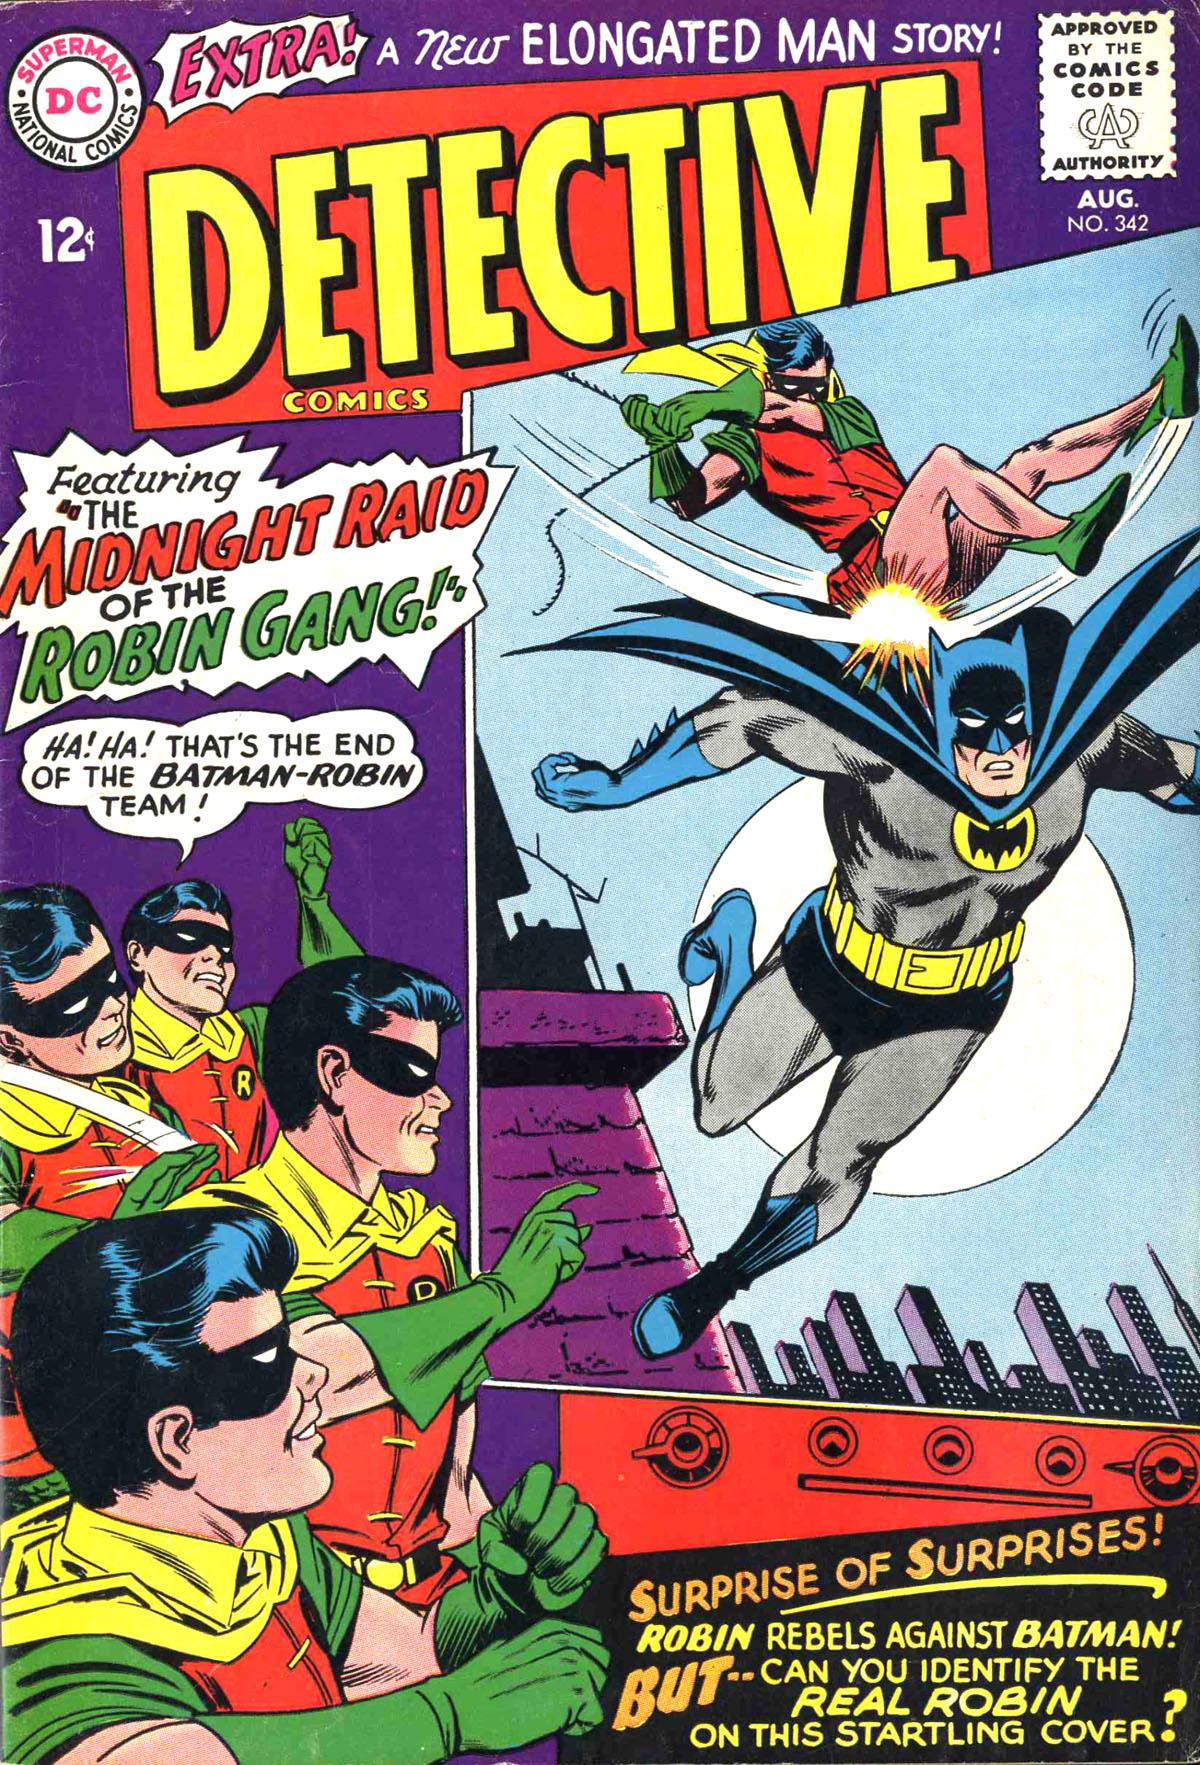 Detective Comics Vol 1 342